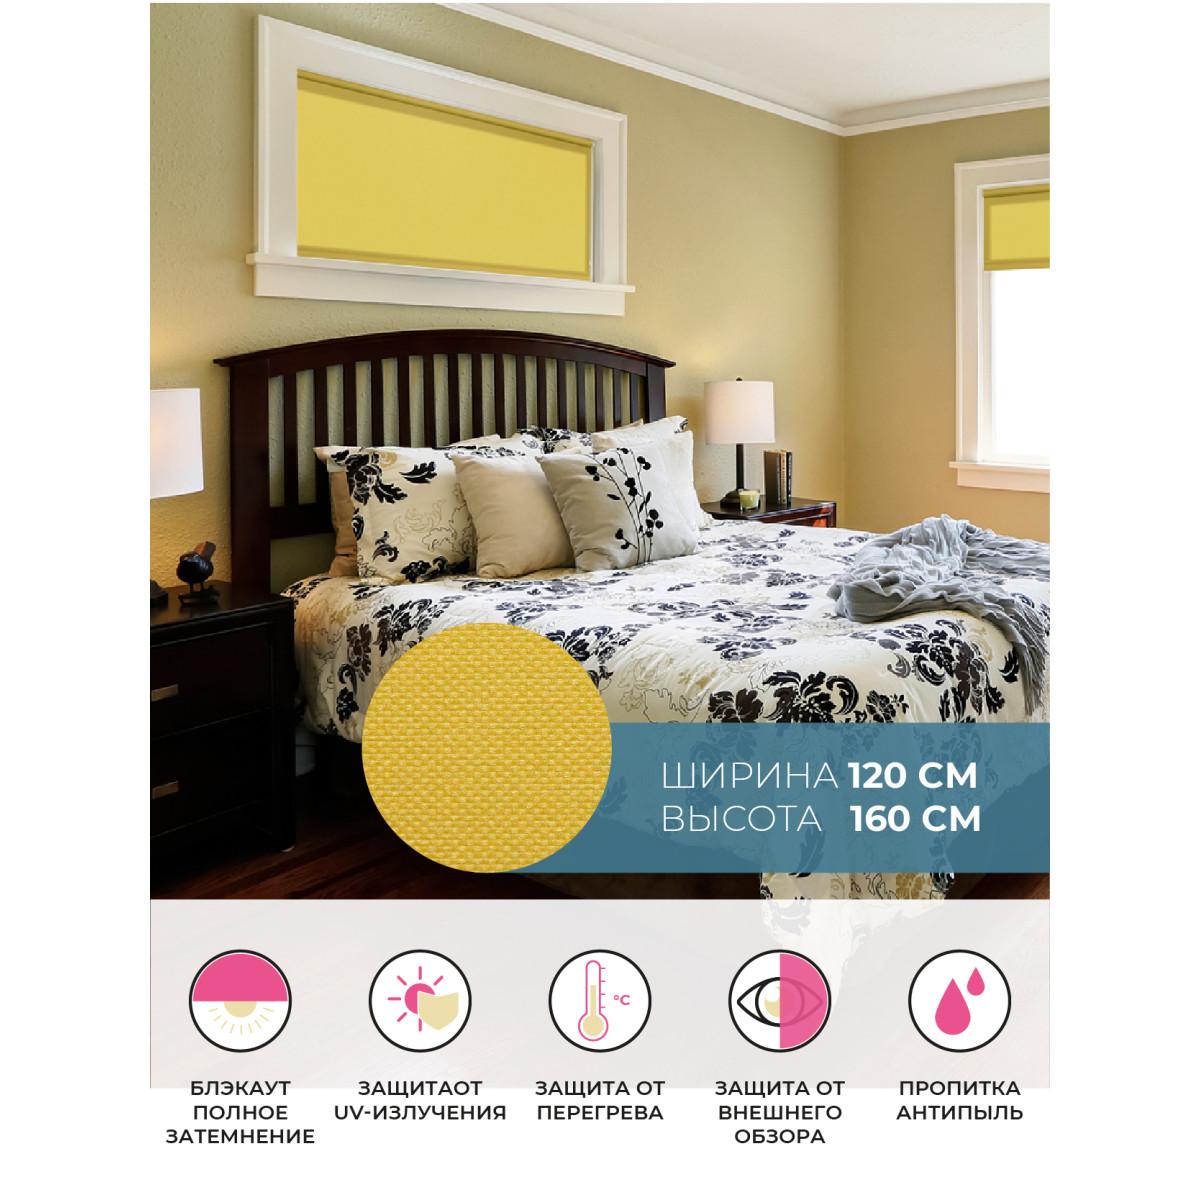 Рулонная Ора Decofest Блэкаут Плайн 120Х160 Цвет Желтый